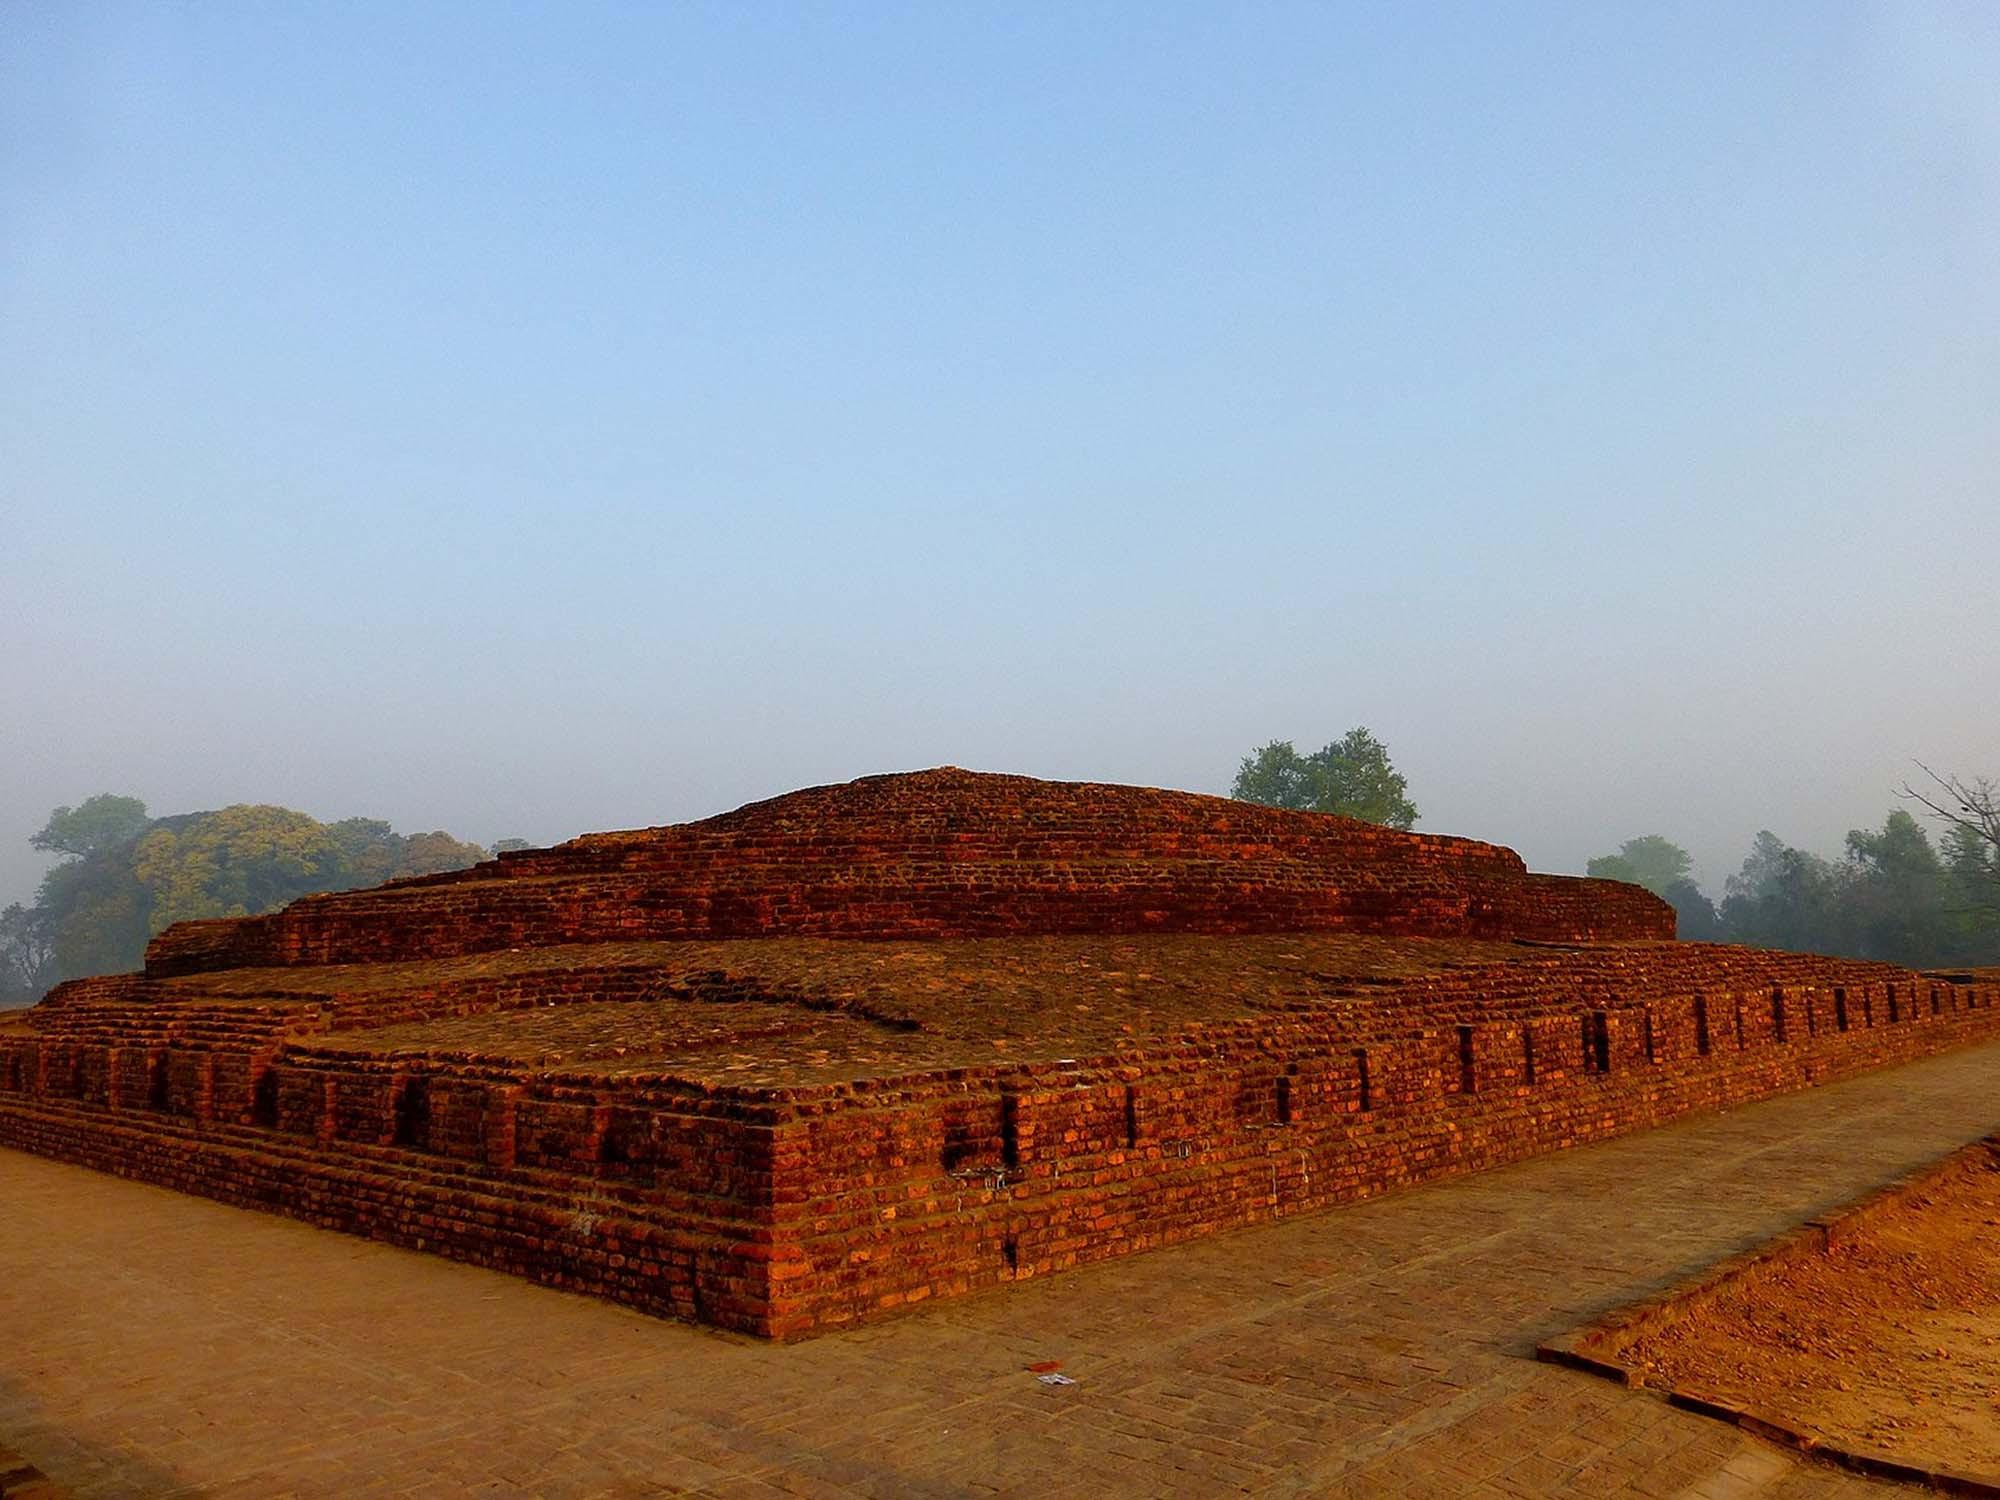 Piprahwa stupa, Kapilavastu, northern India